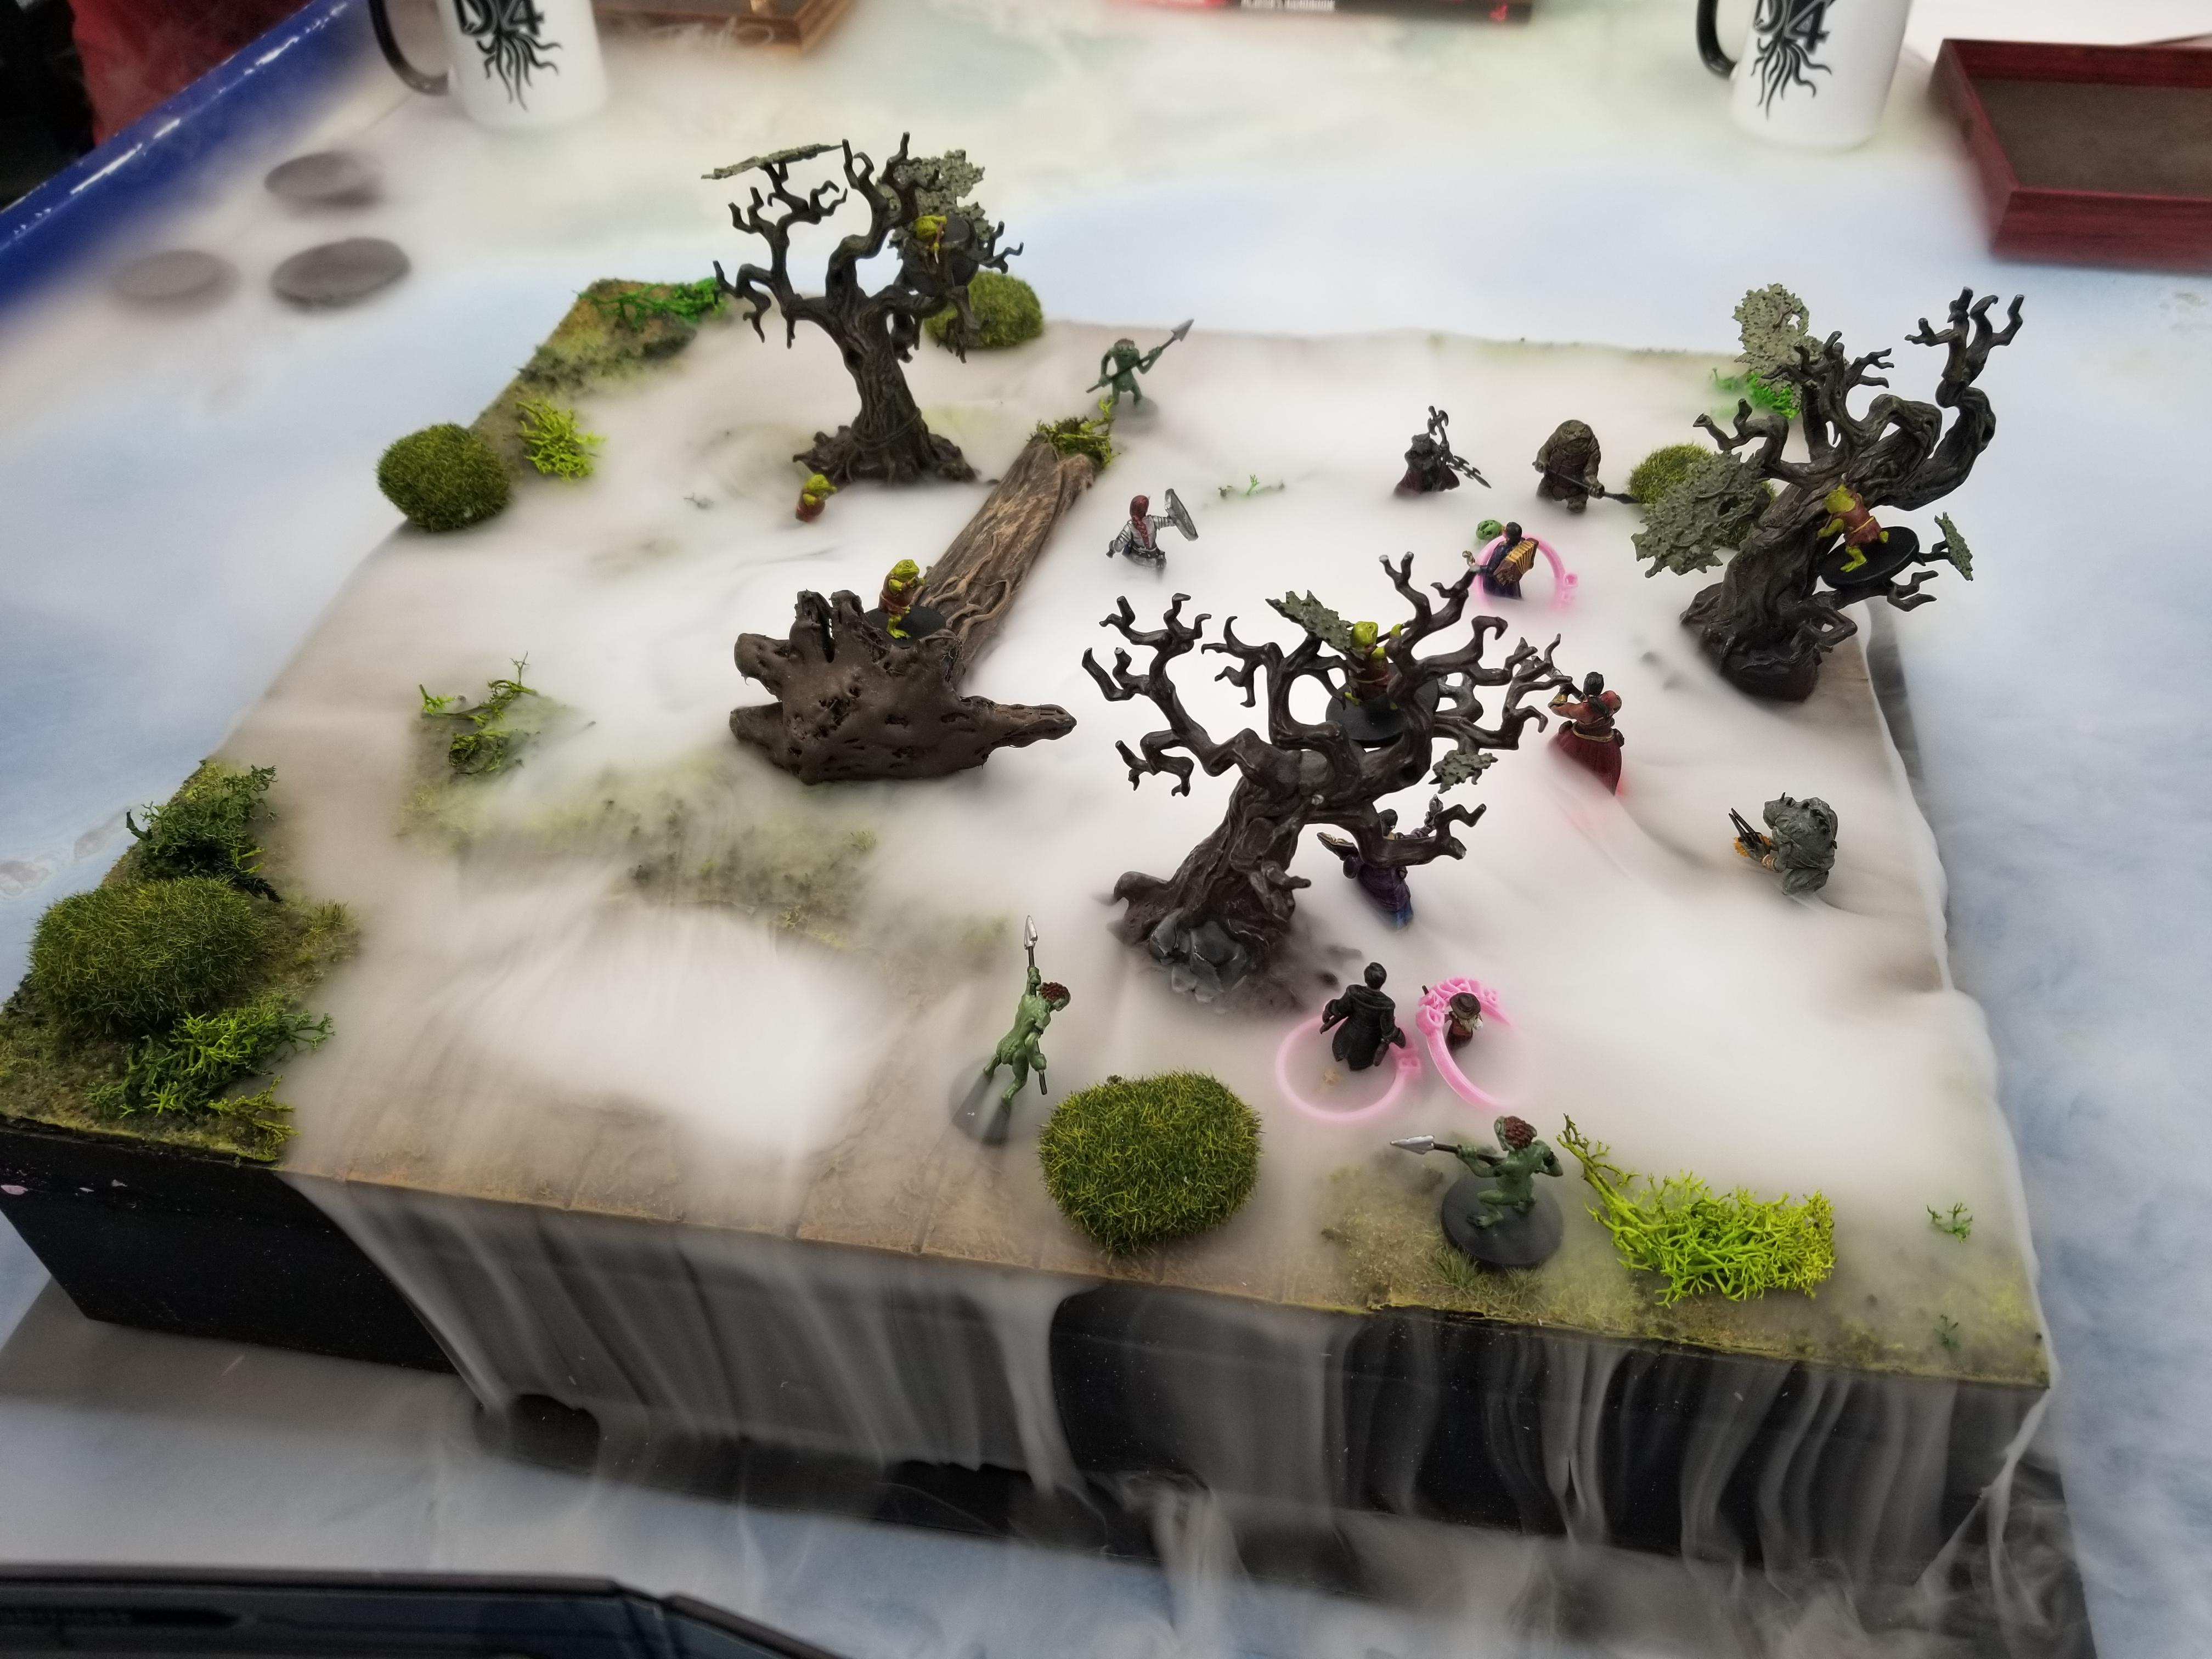 Dry ice bog terrain for D&D